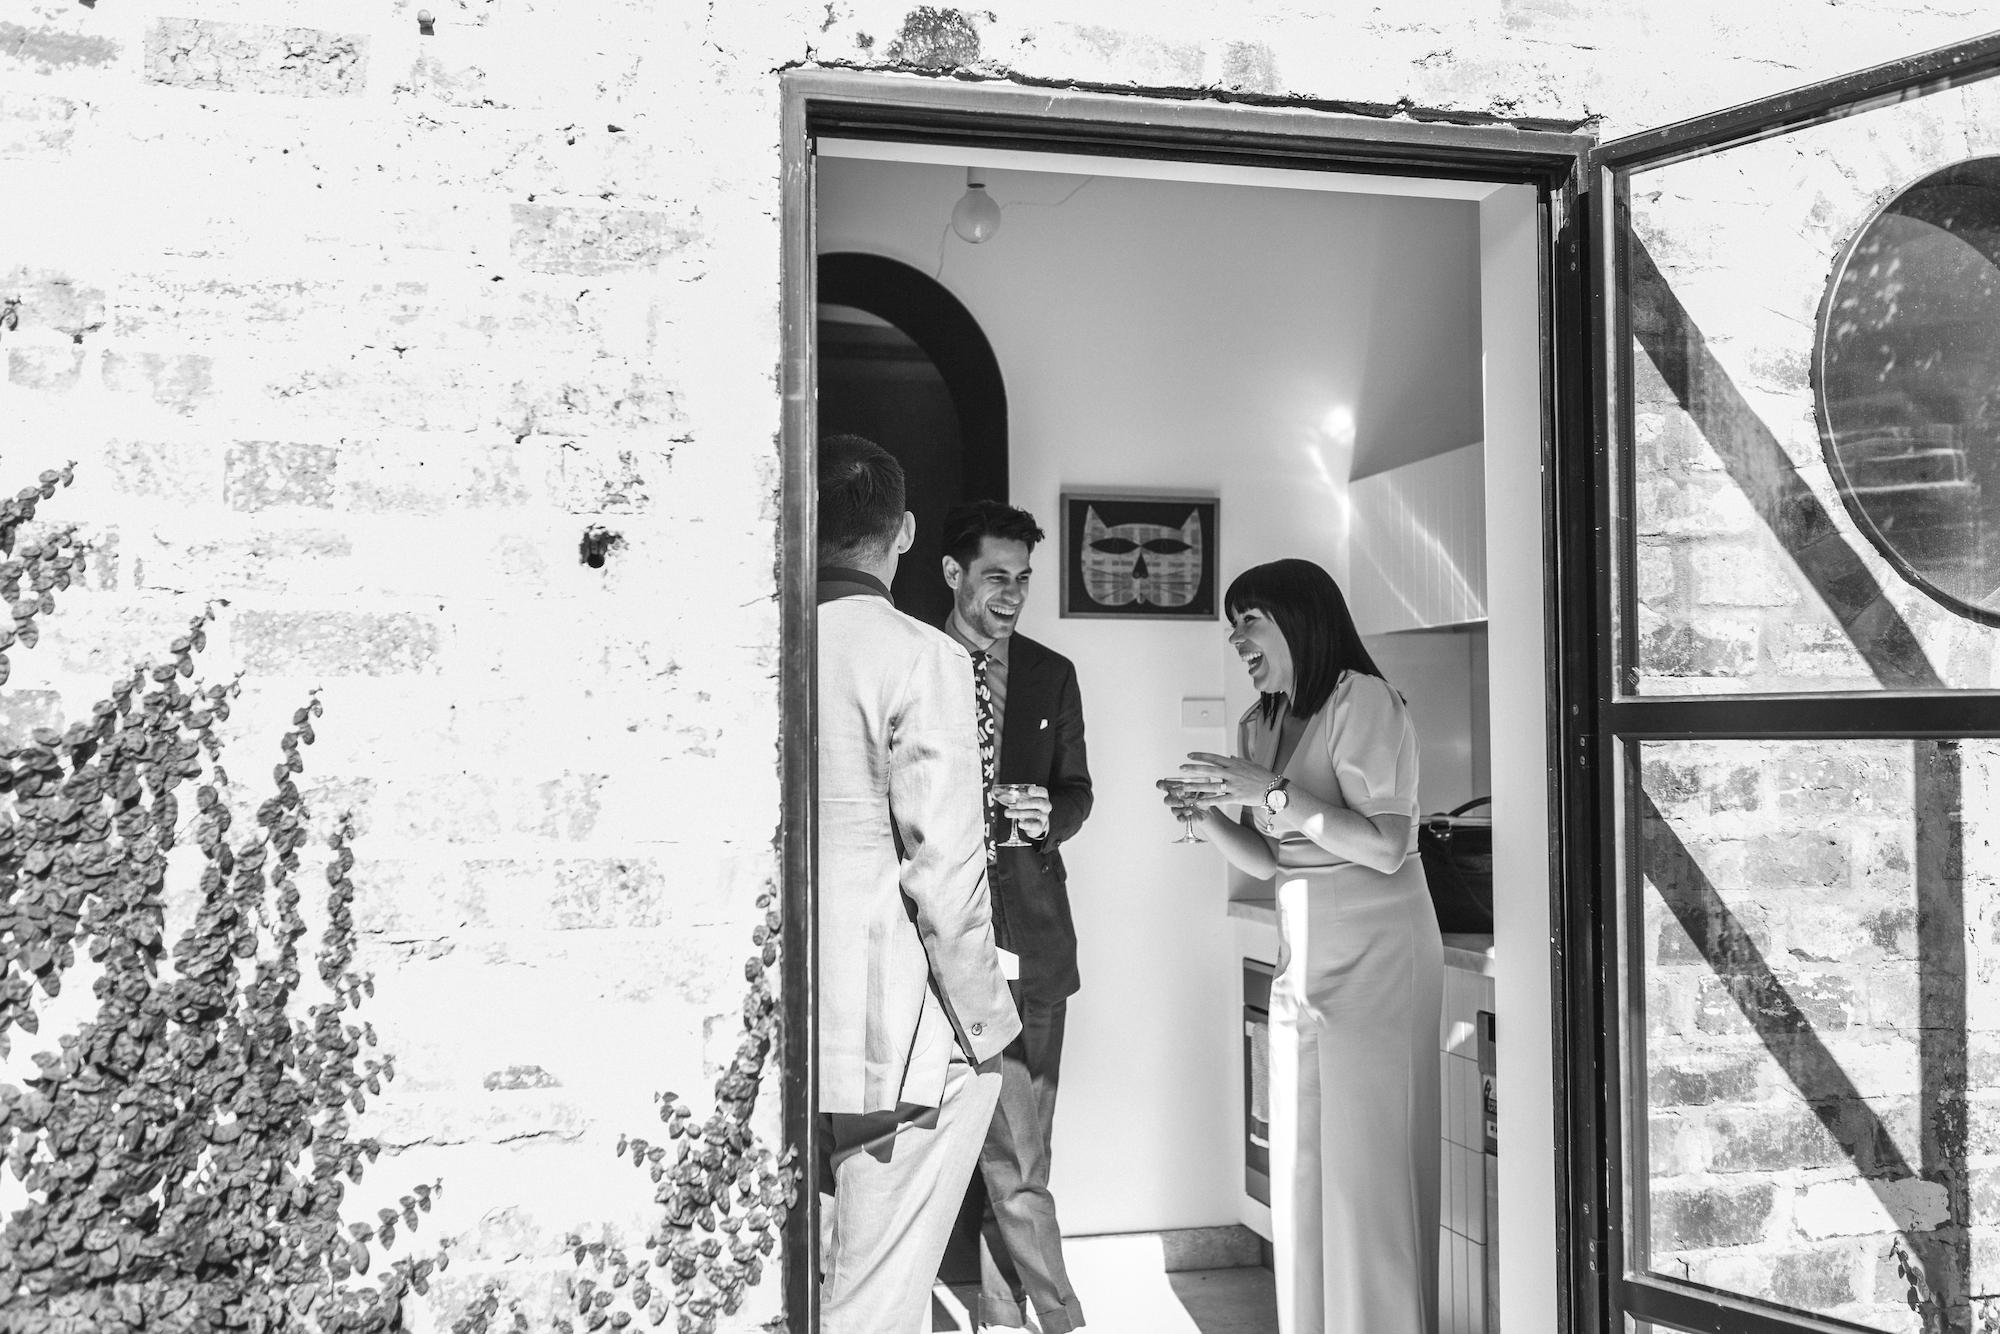 Mitch & Dane_Married 21 Oct 2018_Photo by Savannah van der Niet-17.jpg